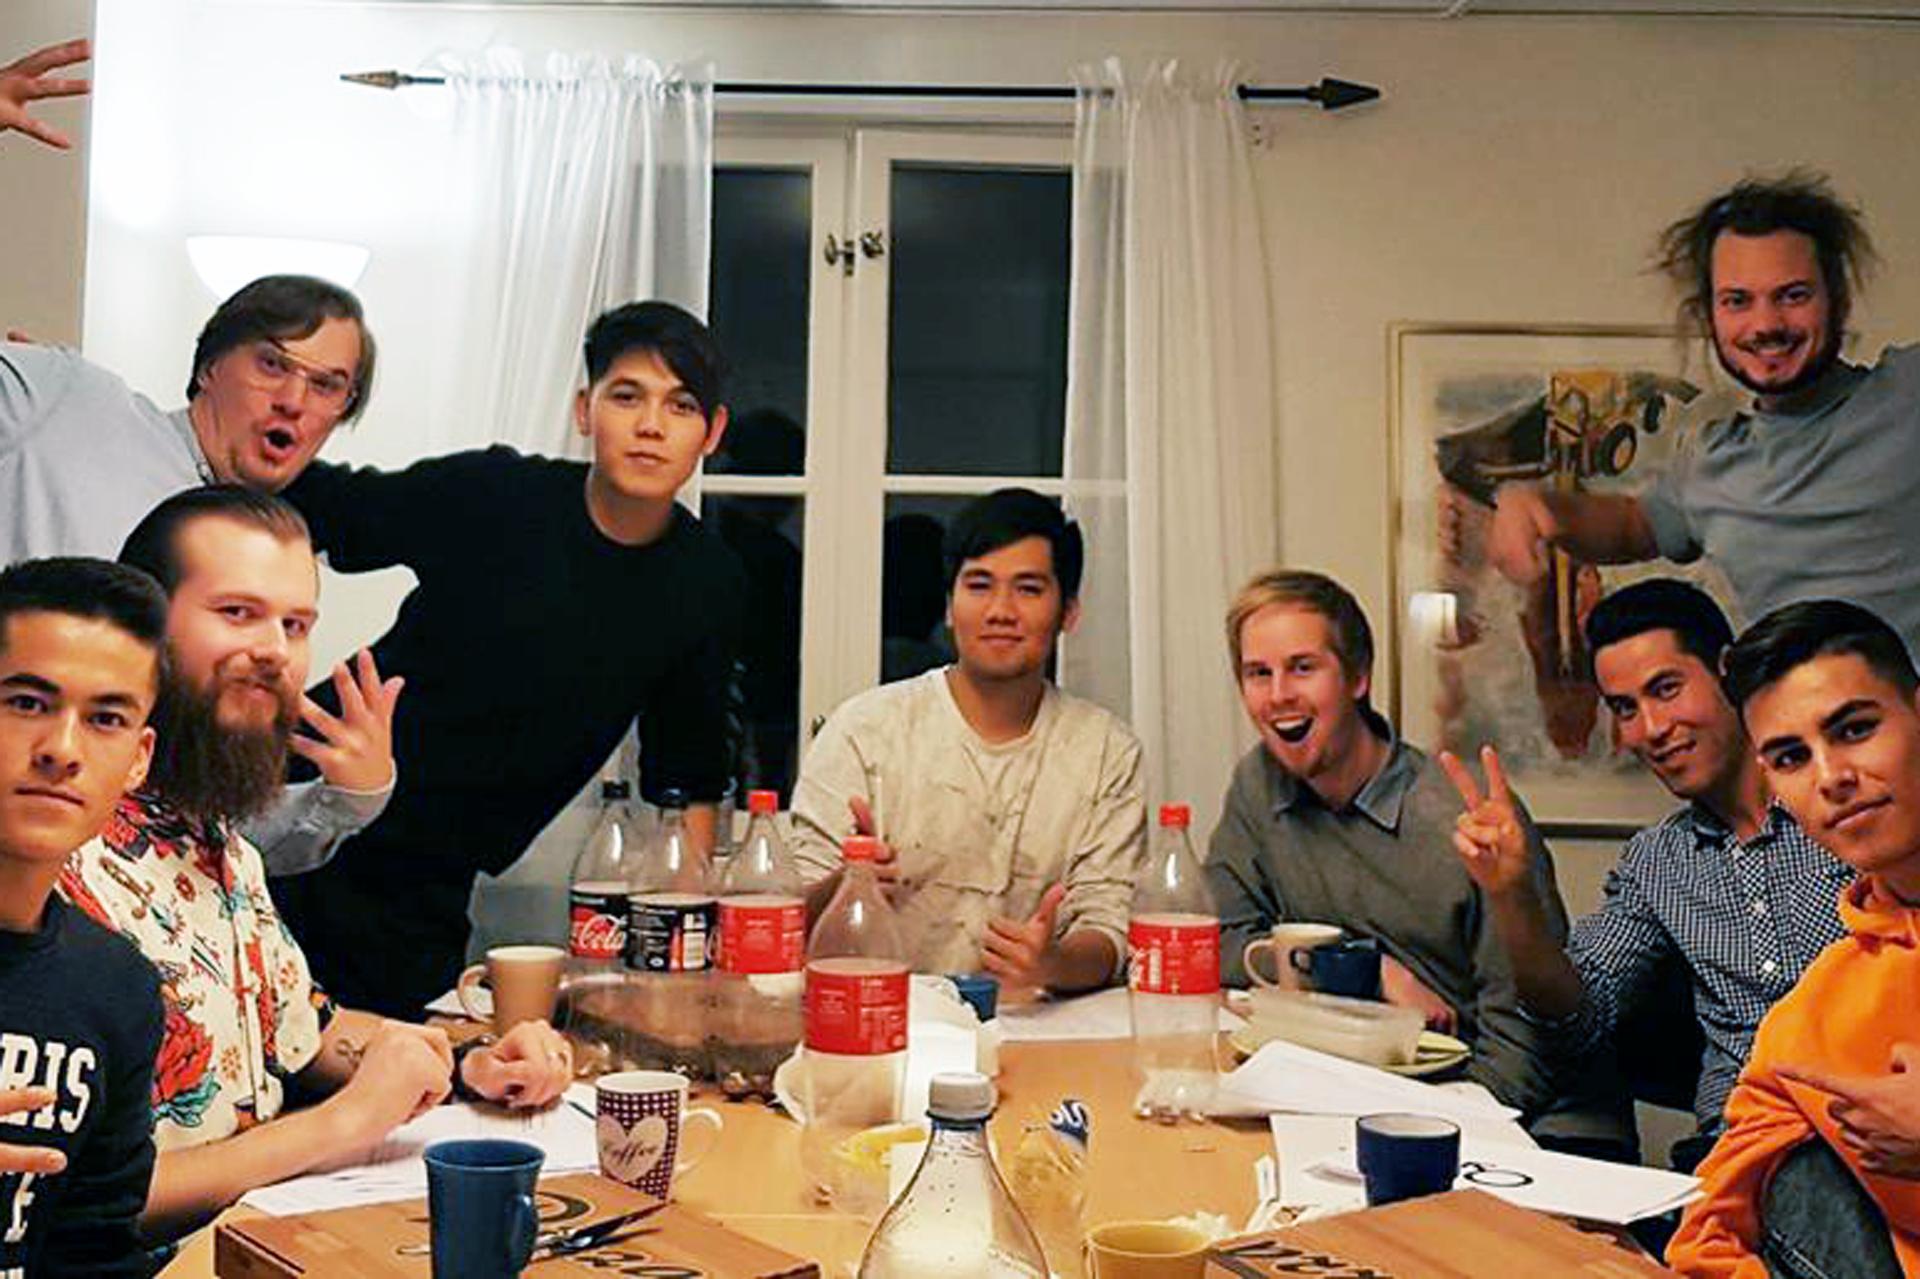 Killmiddag tio unga killar olika ursprung poserar runt matbord